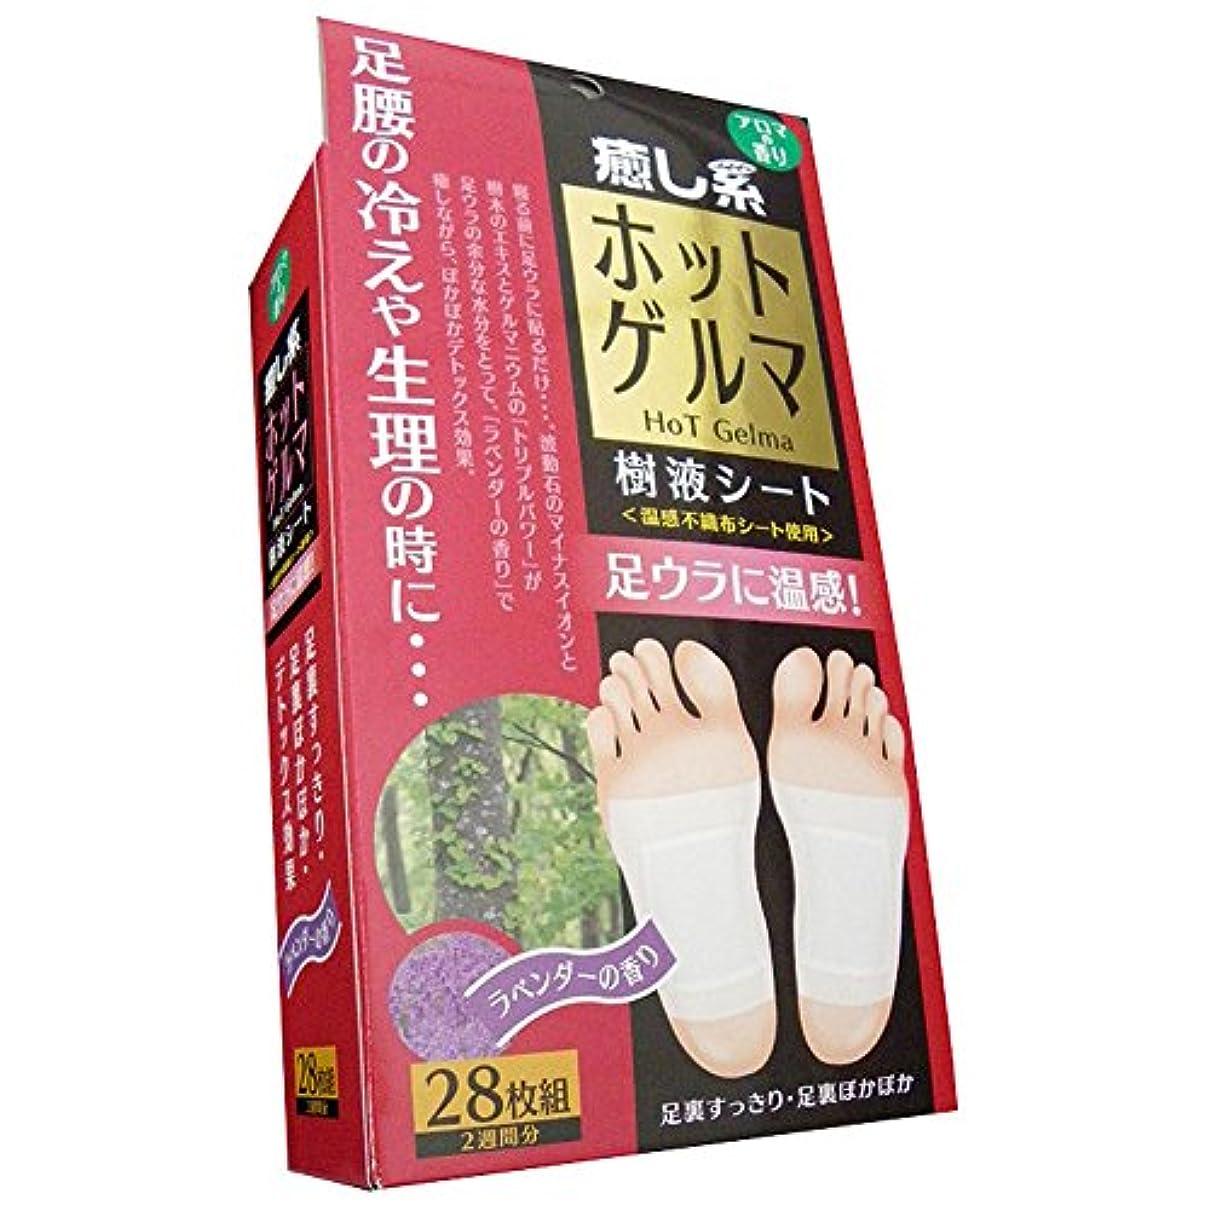 日本製 HADARIKI ホットゲルマ樹液シート28枚組 2週間分 ラベンダーの香り 足 裏 樹液 シート フット ケア 足ツボ 健康 まとめ買い